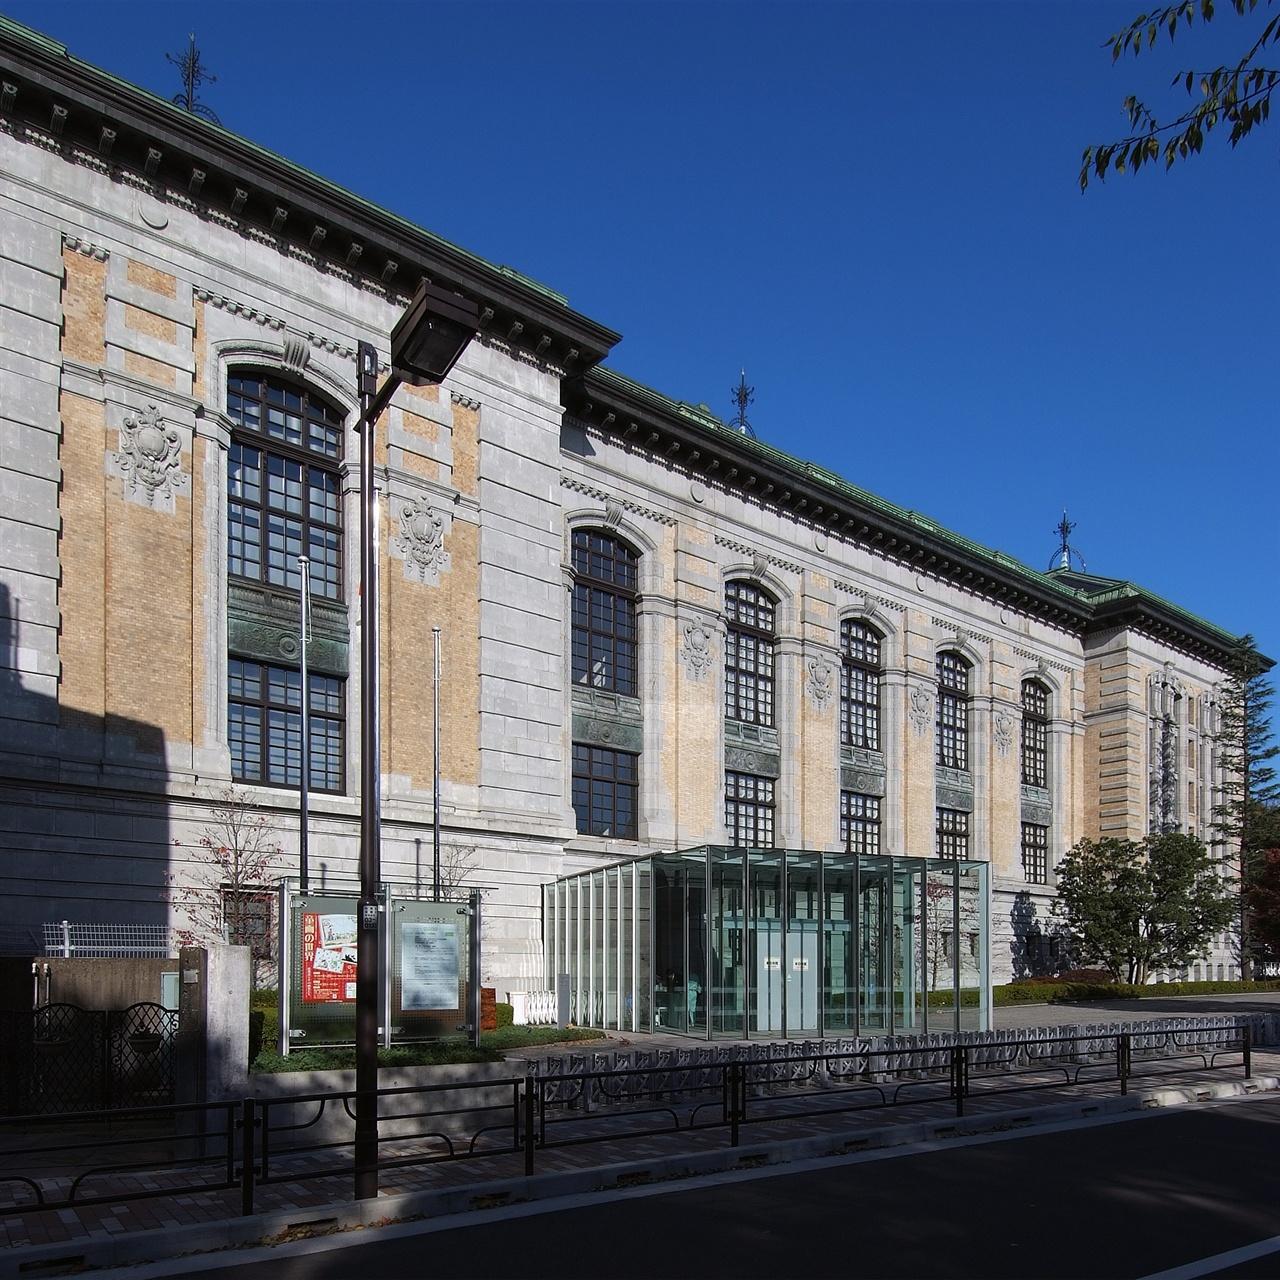 일본의 옛 '제국도서관' 일본에서 '사서'라는 용어가 공식적으로 쓰인 것은 1897년 제국도서관 관제에 '사서장'과 '사서'가 언급되기 시작하면서부터다. 1907년 우에노공원에서 문을 연 제국도서관은 1947년 '국립도서관'으로 이름을 바꿨다가 1949년 '국립국회도서관'으로 통합되었다. '우에노도서관'(上野圖書館)으로 불리기도 했다. 2000년부터 국립국회도서관 산하 '국제어린이도서관'으로 쓰고 있다.